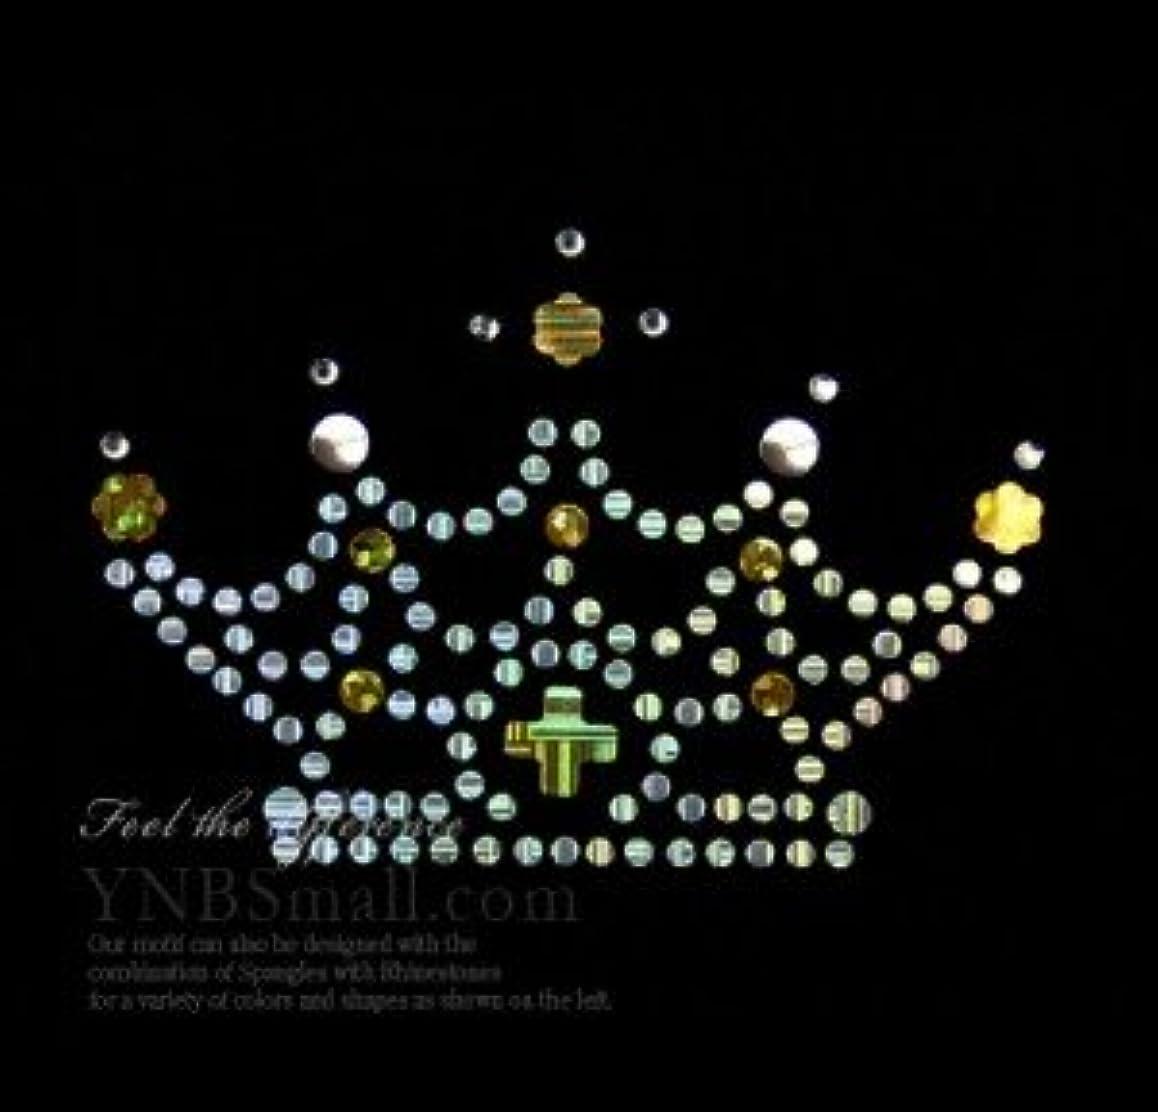 サービス腐ったマエストロ【コンビネーション】ラインストーン&スパングル スパンコールモチーフ ホットフィックス 【S】 王冠